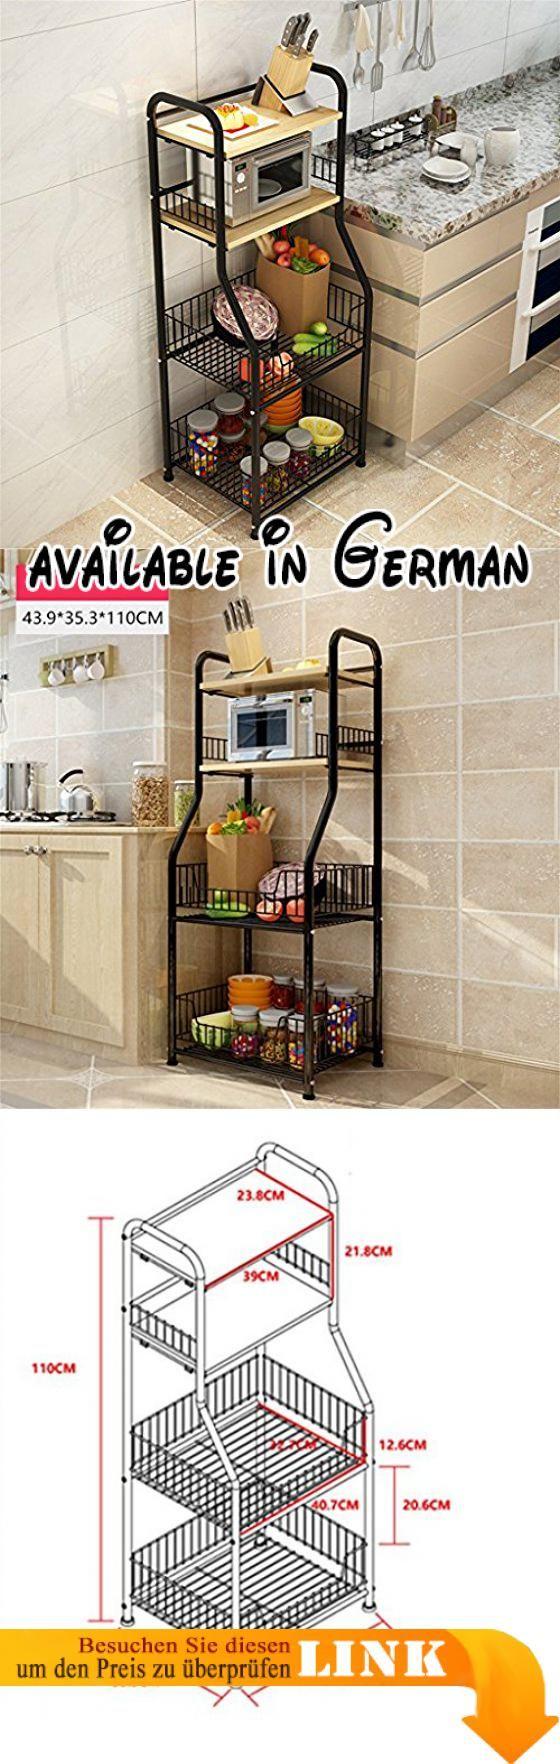 B078WRFYG5 : L&Y Kitchen furniture Küche Regal Landung Mehrere ...